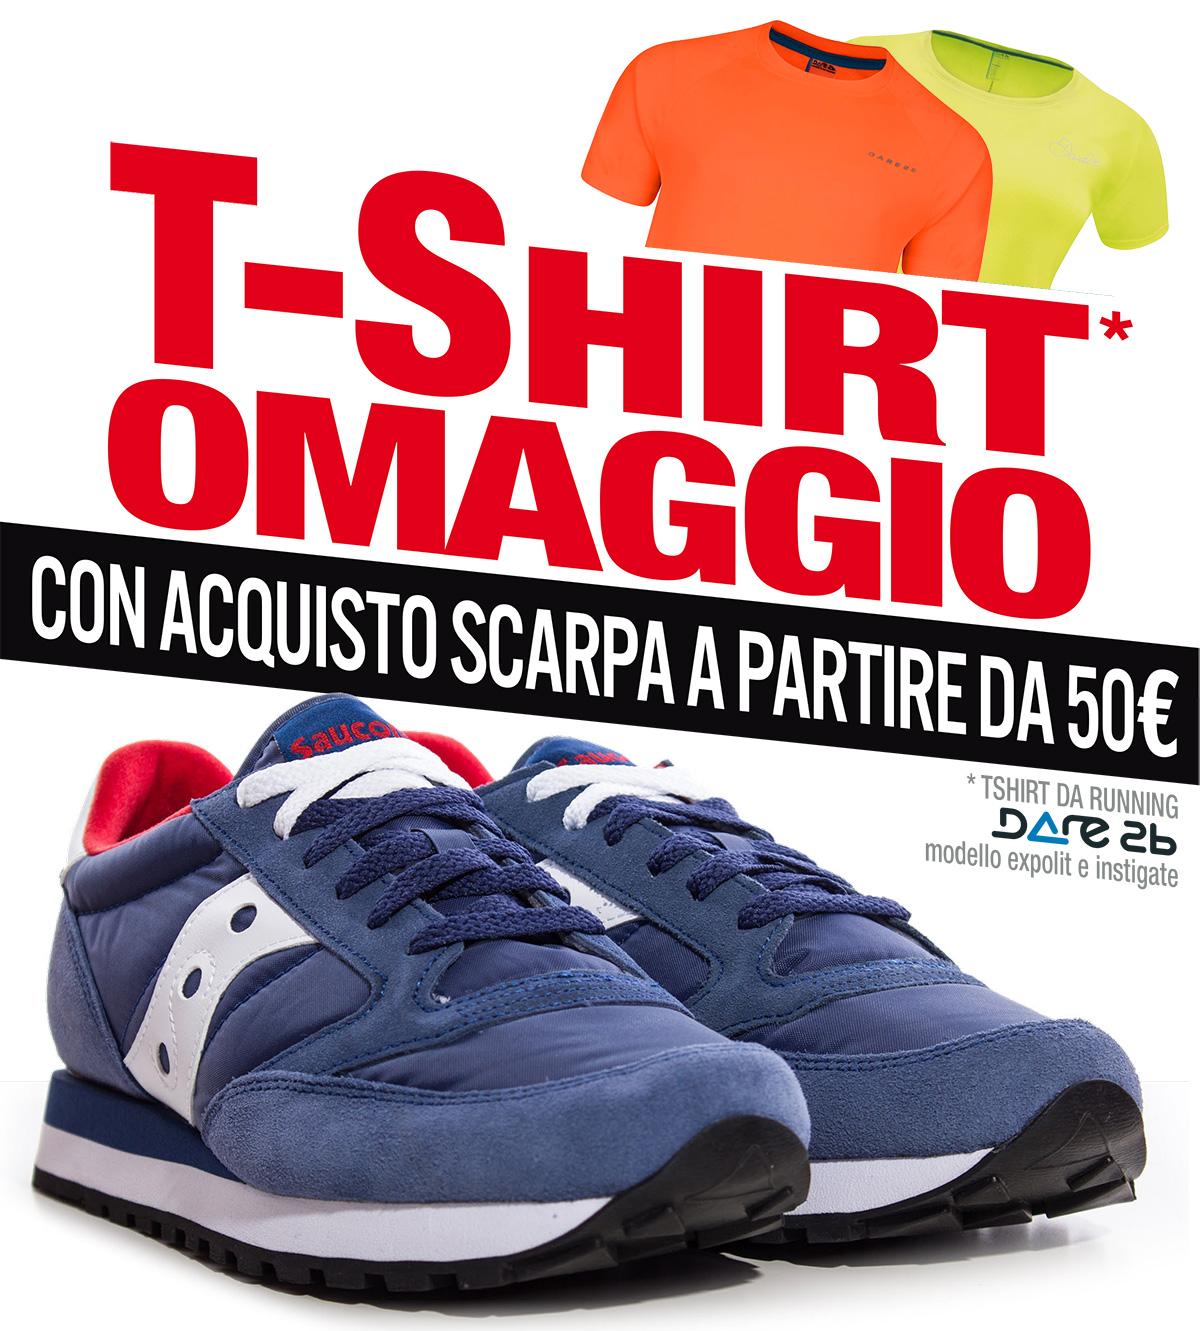 Tu compri le scarpe e noi ti regaliamo la t-shirt!